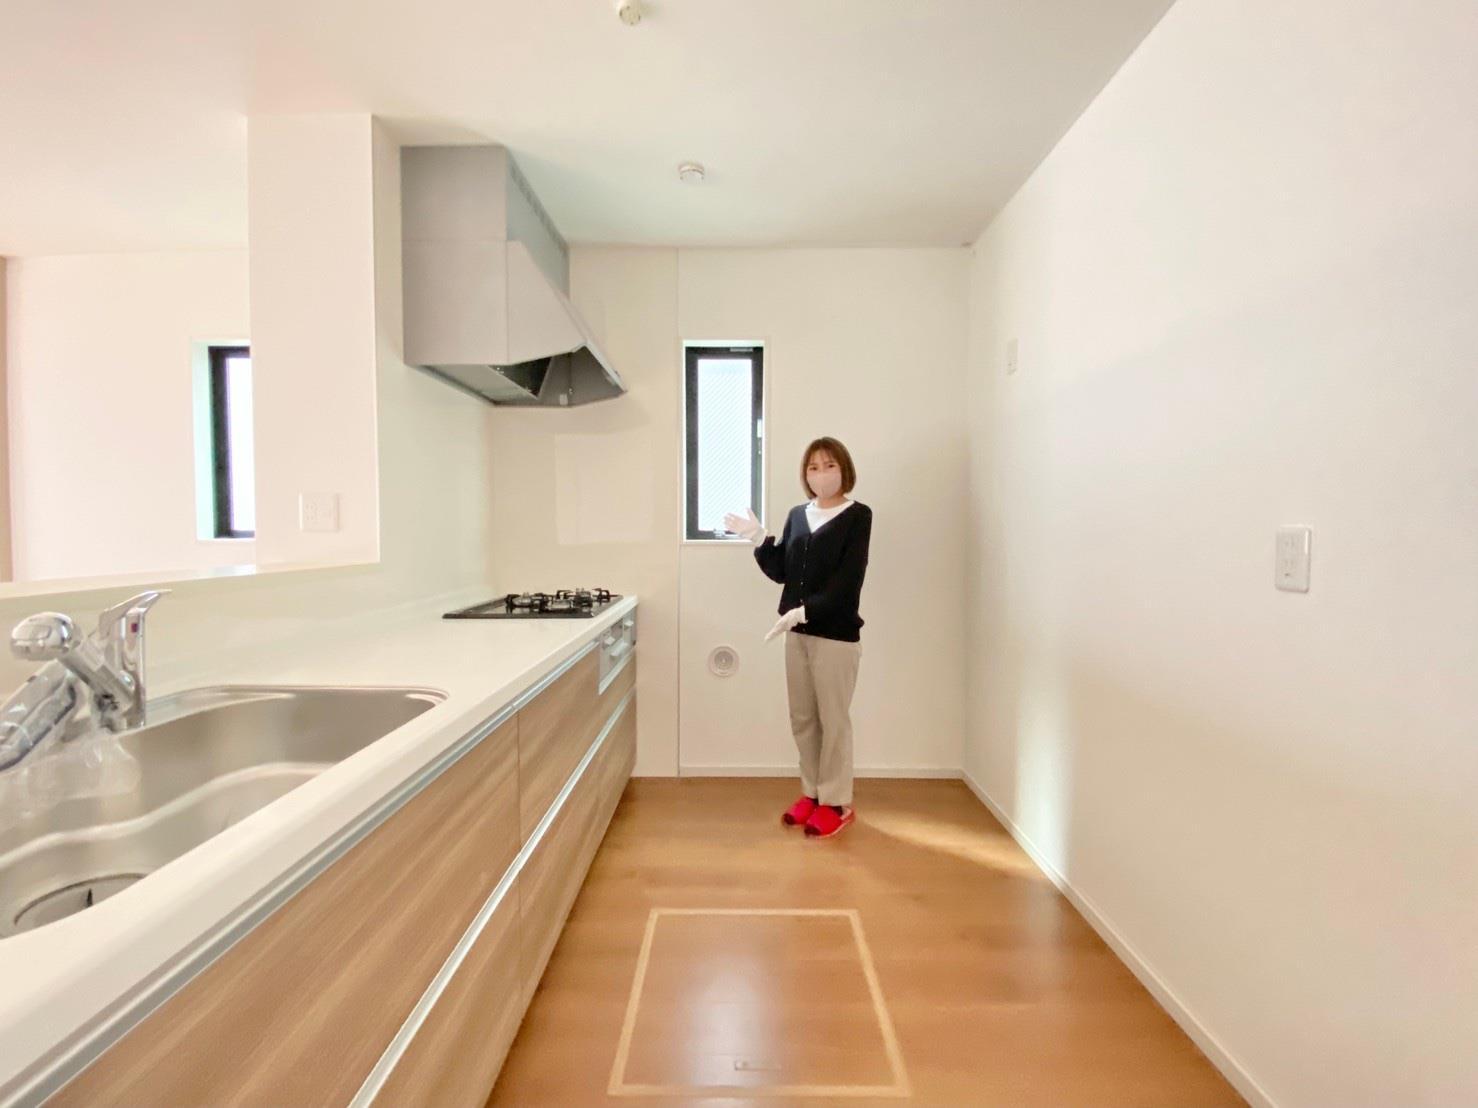 キッチン*キッチン|キッチンで家事をしていても部屋全体が見渡せる安心設計です(^^)☆